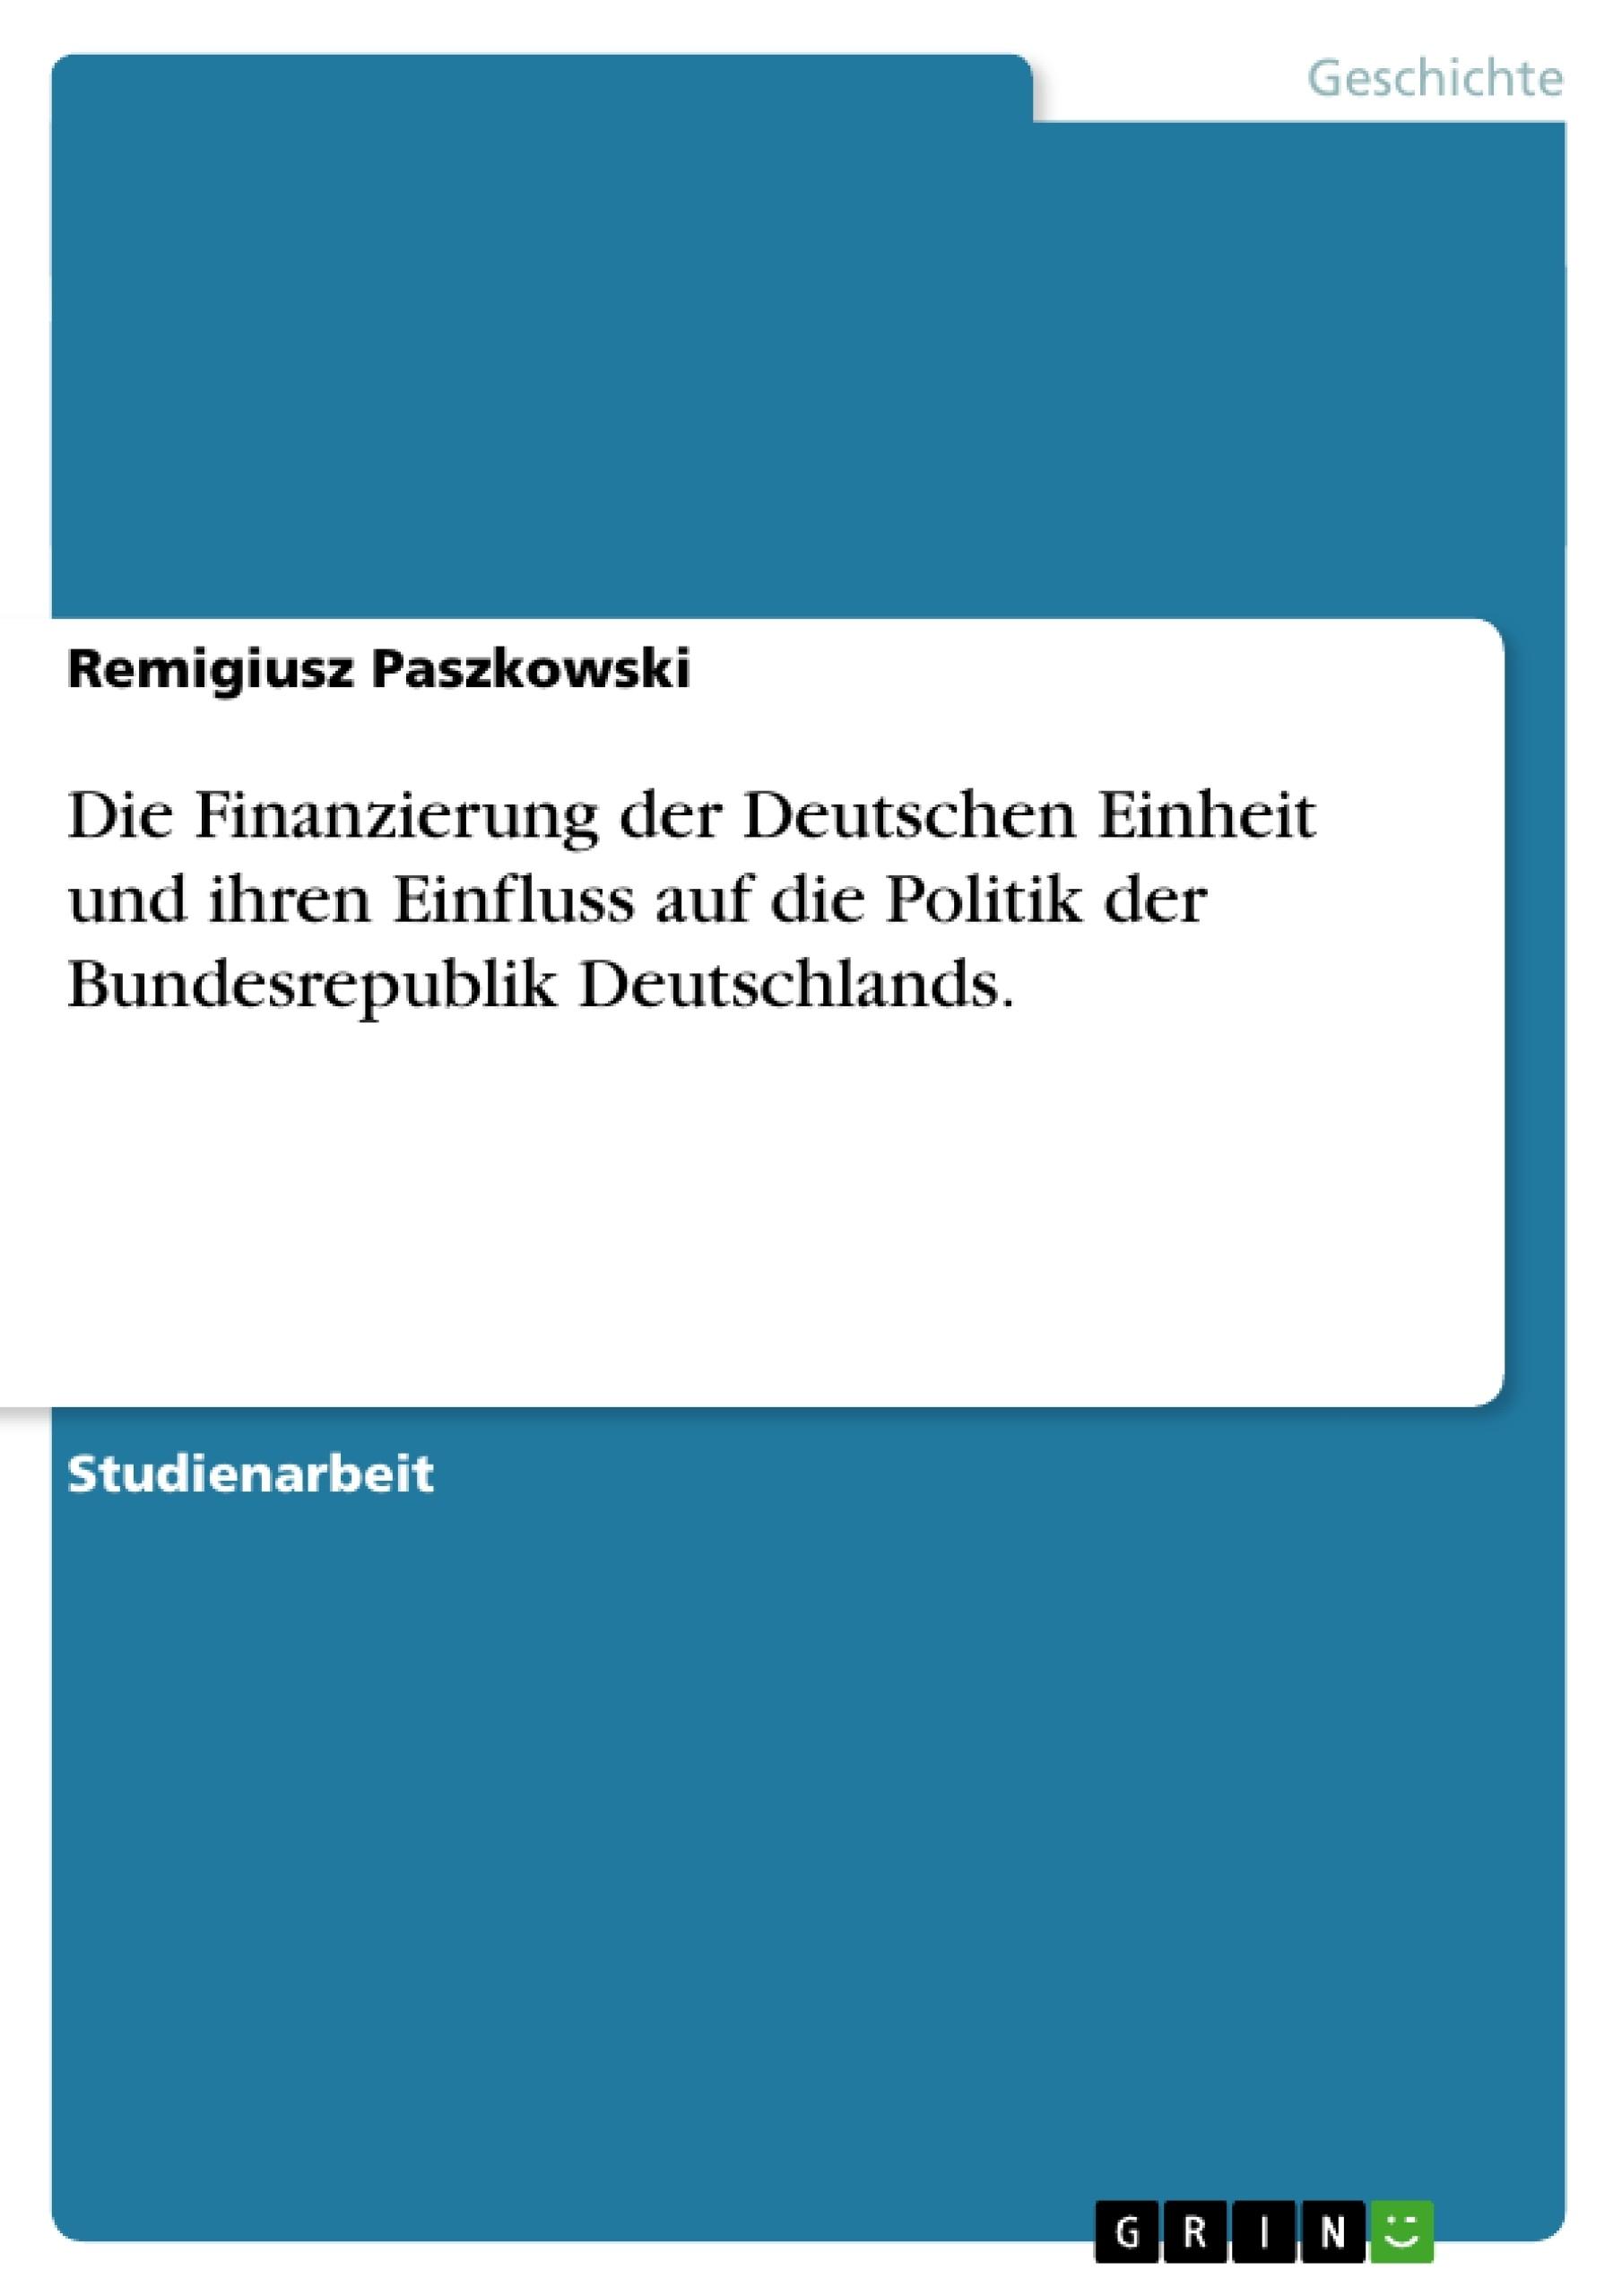 Titel: Die Finanzierung der Deutschen Einheit  und ihren Einfluss auf die Politik der Bundesrepublik Deutschlands.